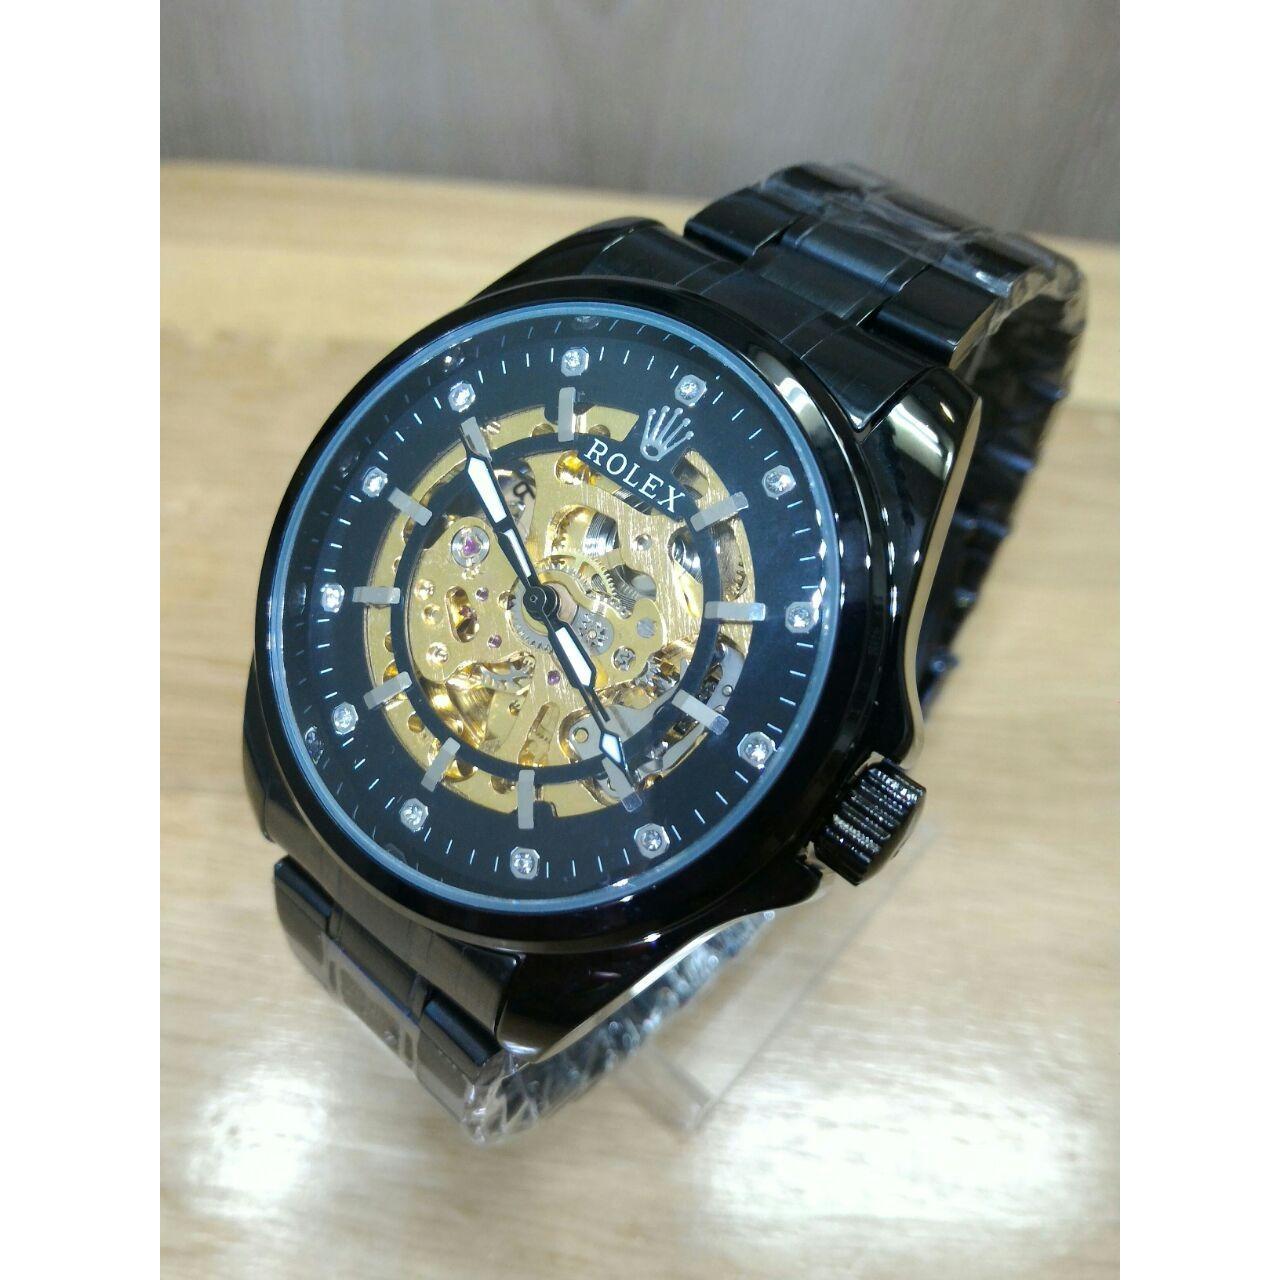 Harga Jam Tangan Rolex Automatic Jam Tangan Formal Pria Stainless Steel Jam Tangan Pria Casual Terbaru